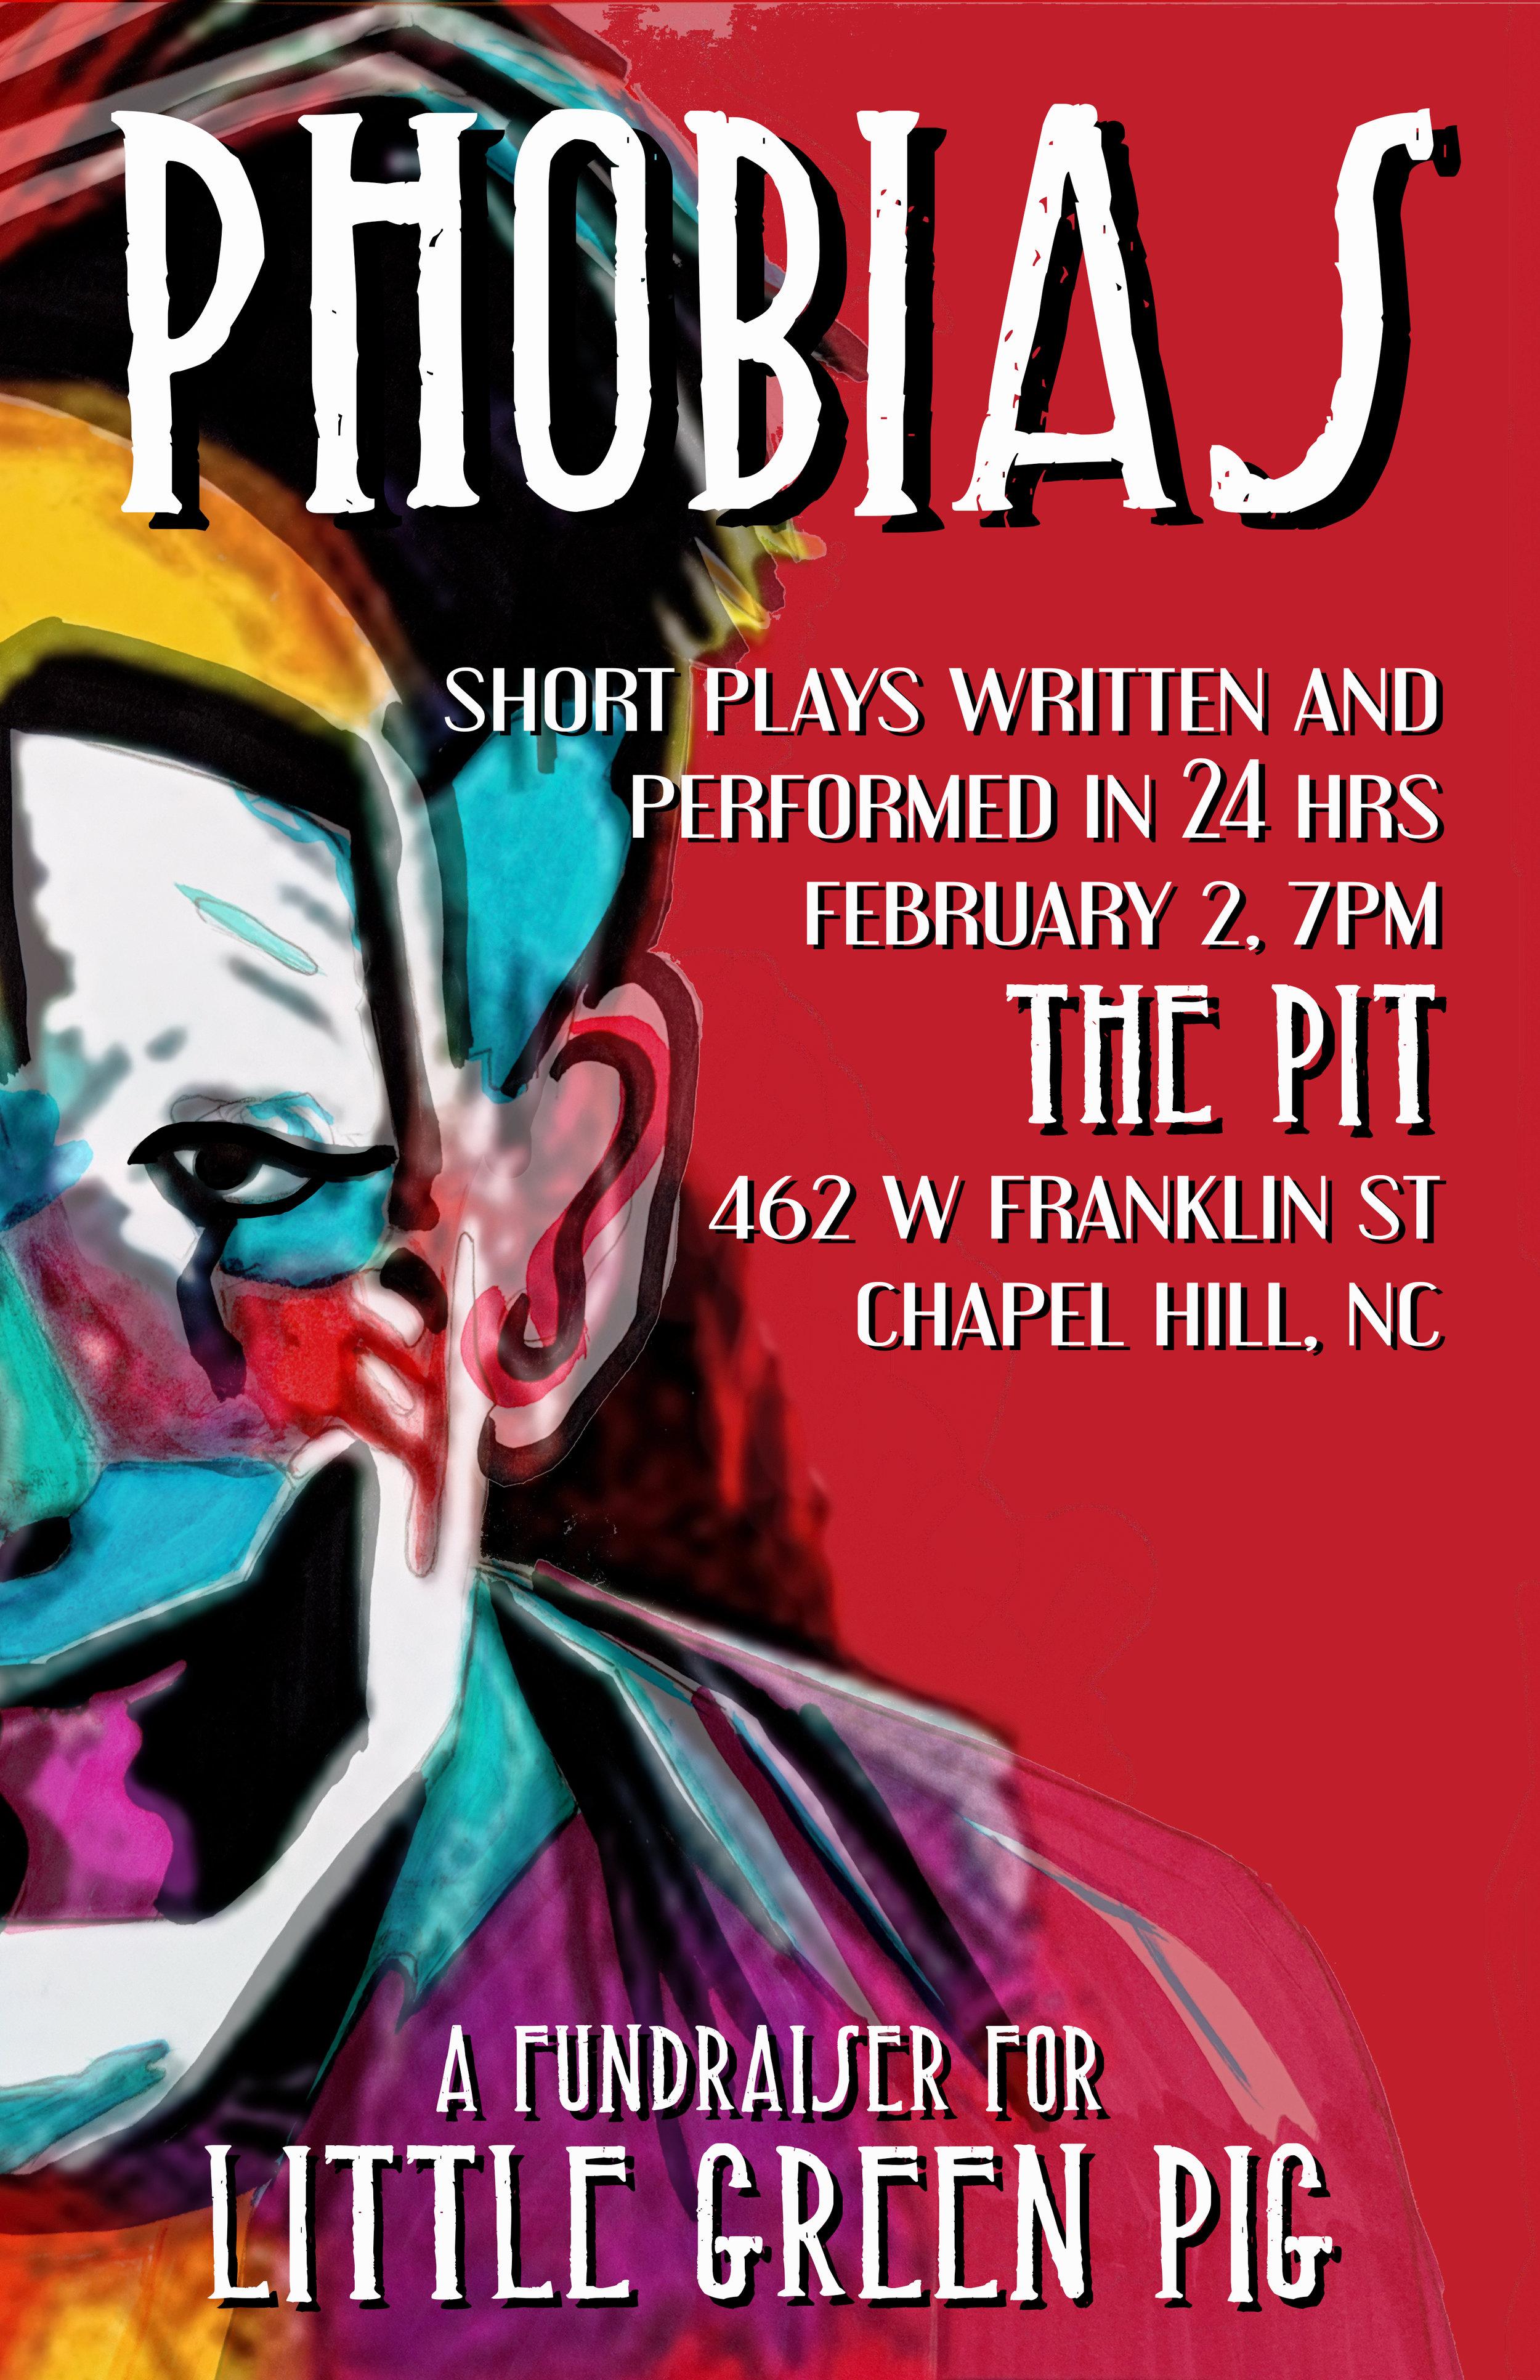 phobias poster 3.jpg